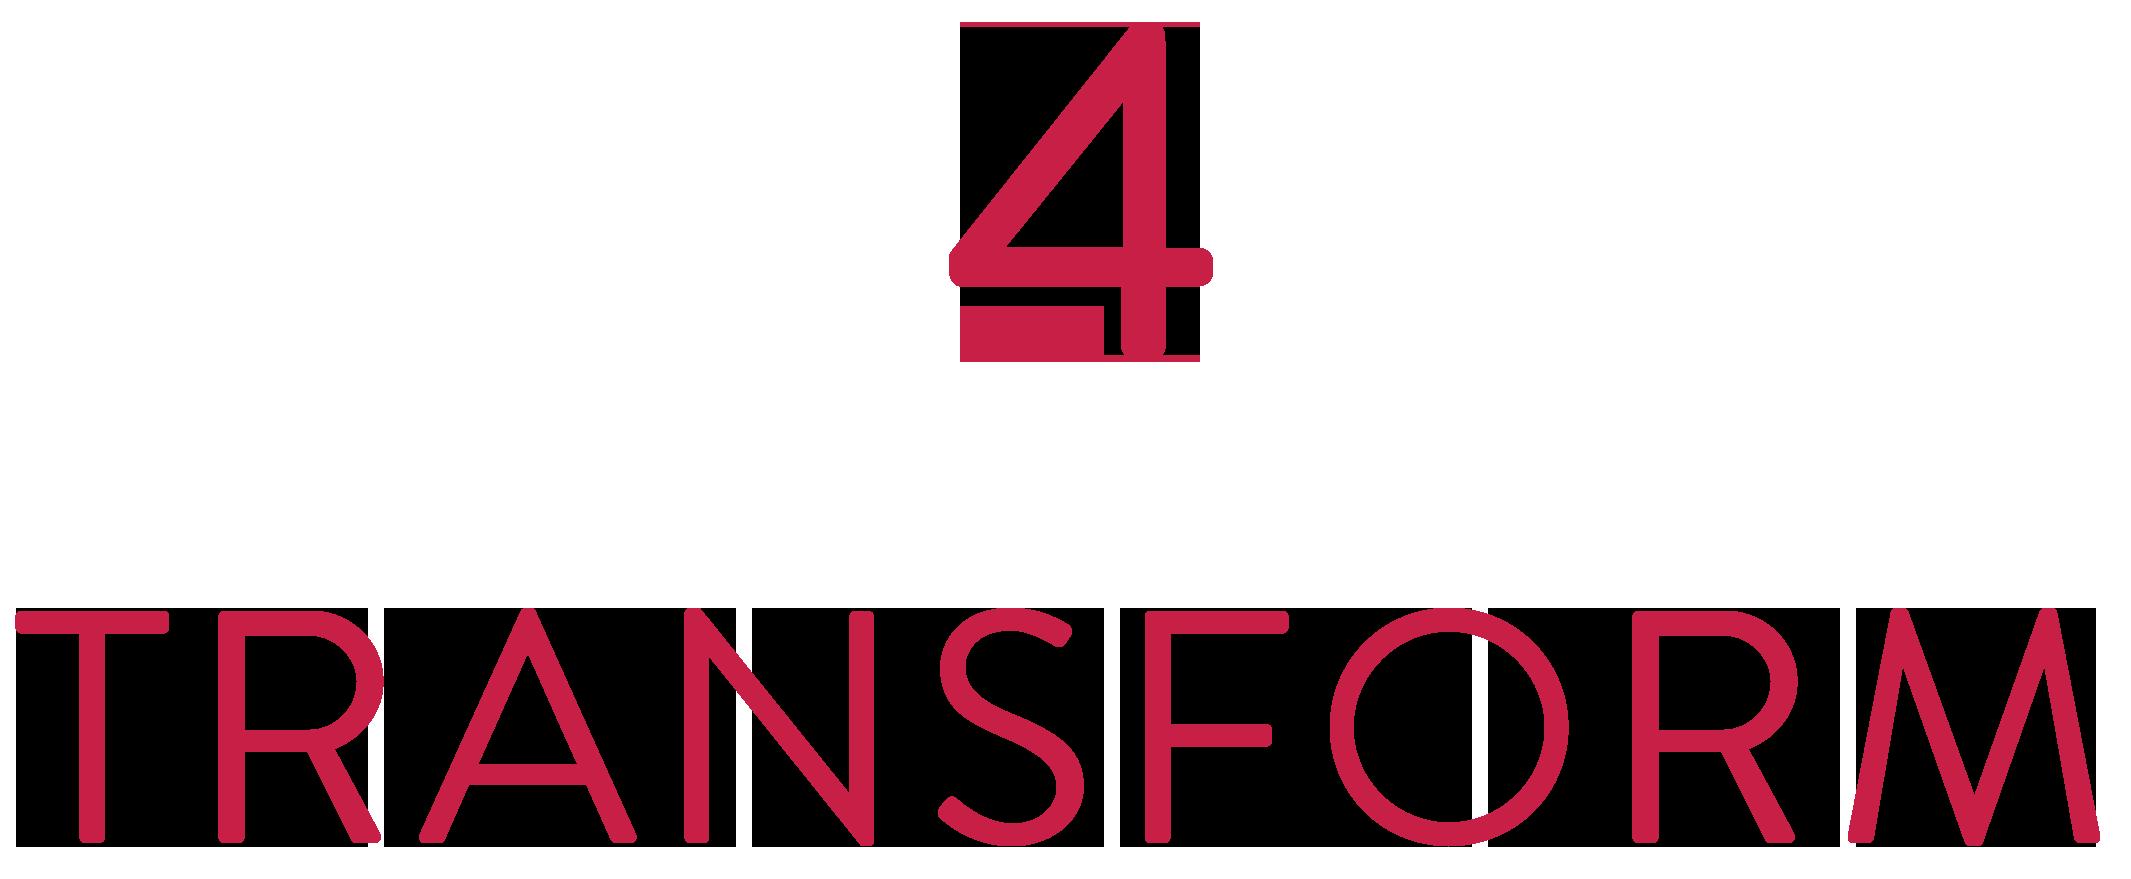 EC_18_Transform.png